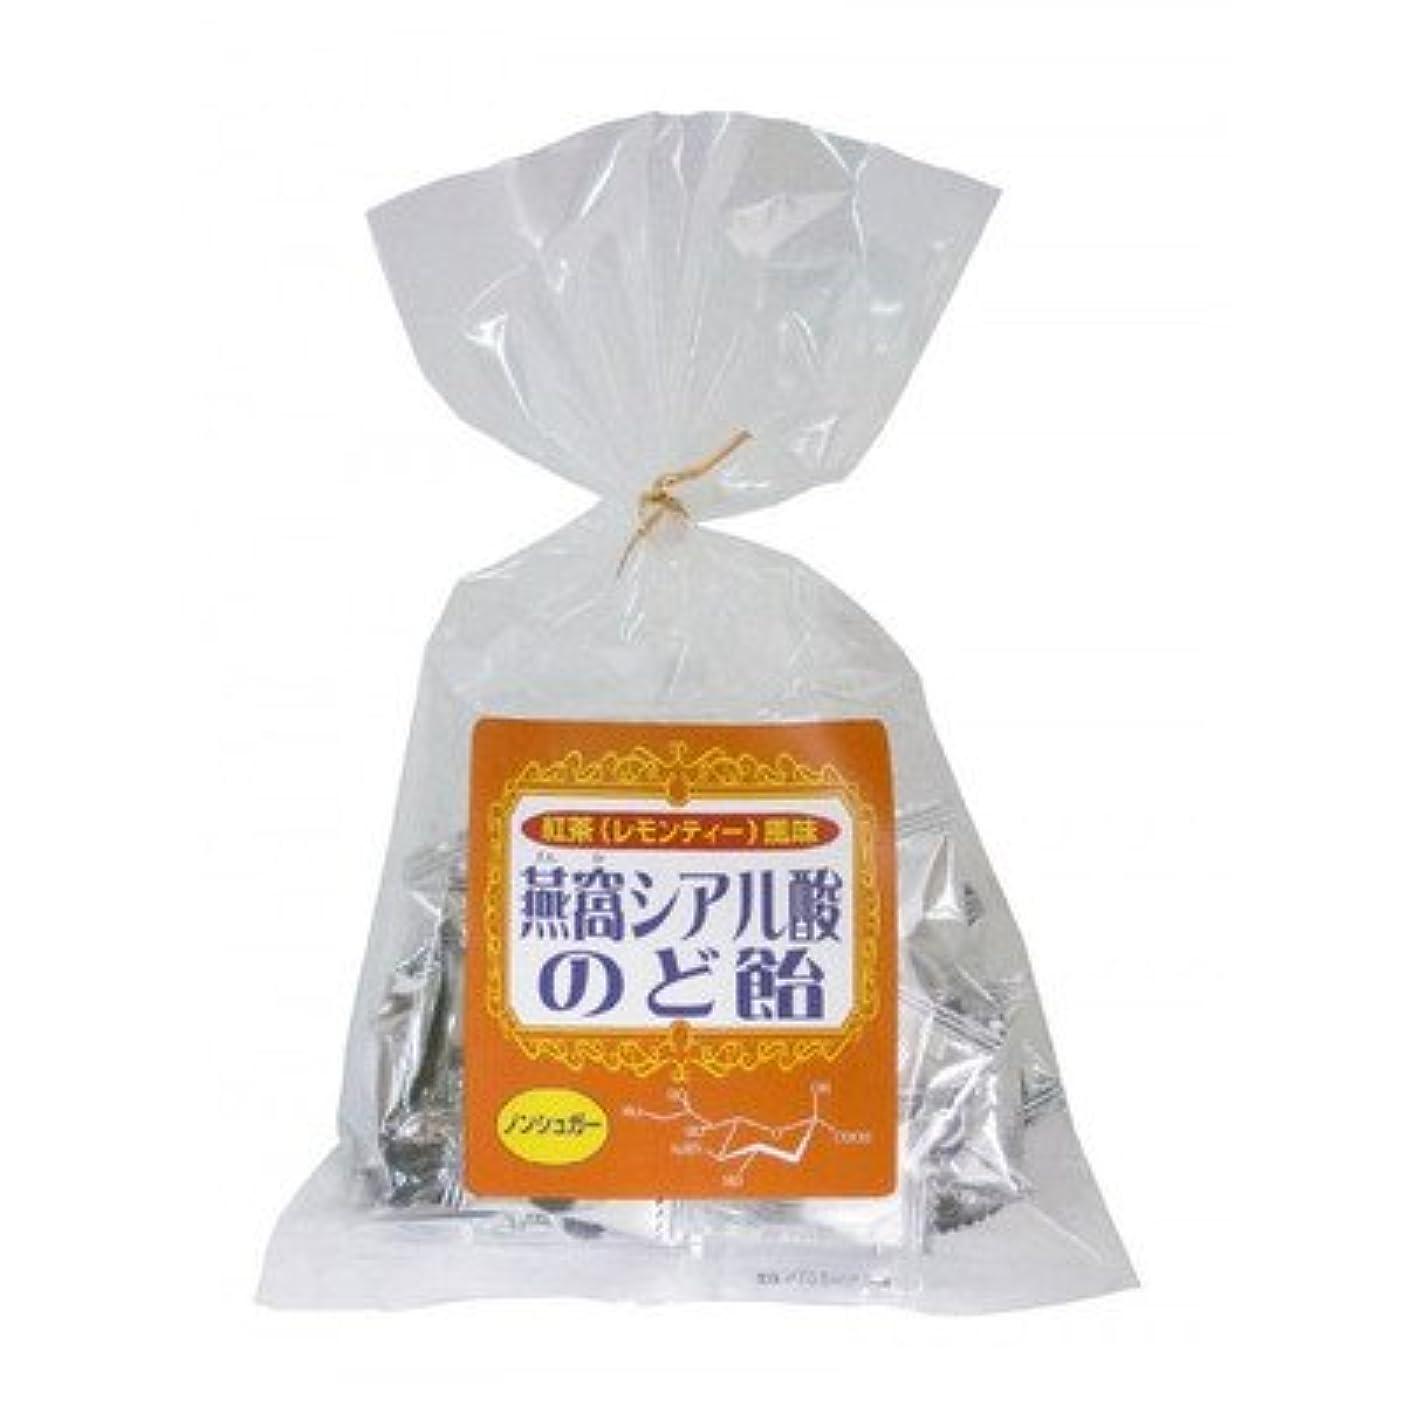 広範囲に不当内なる燕窩シアル酸のど飴ノンシュガー 紅茶(レモンティー)風味 87g×3袋